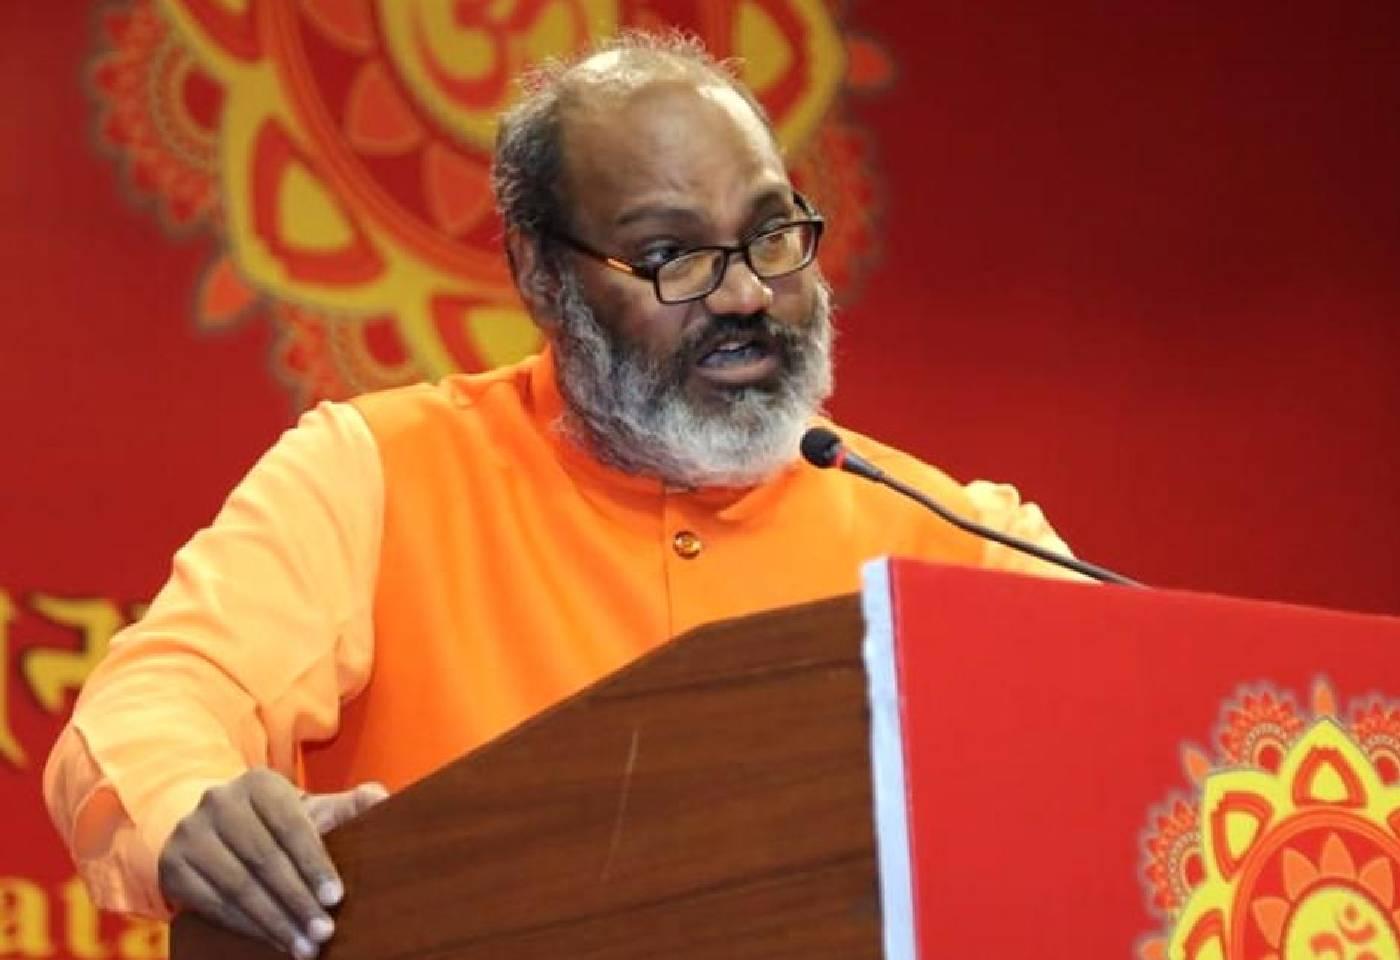 jaish E Mohammad Terrorist Dar Arrested From Delhi Who Was Planning To Kill Swami Narsinhanand